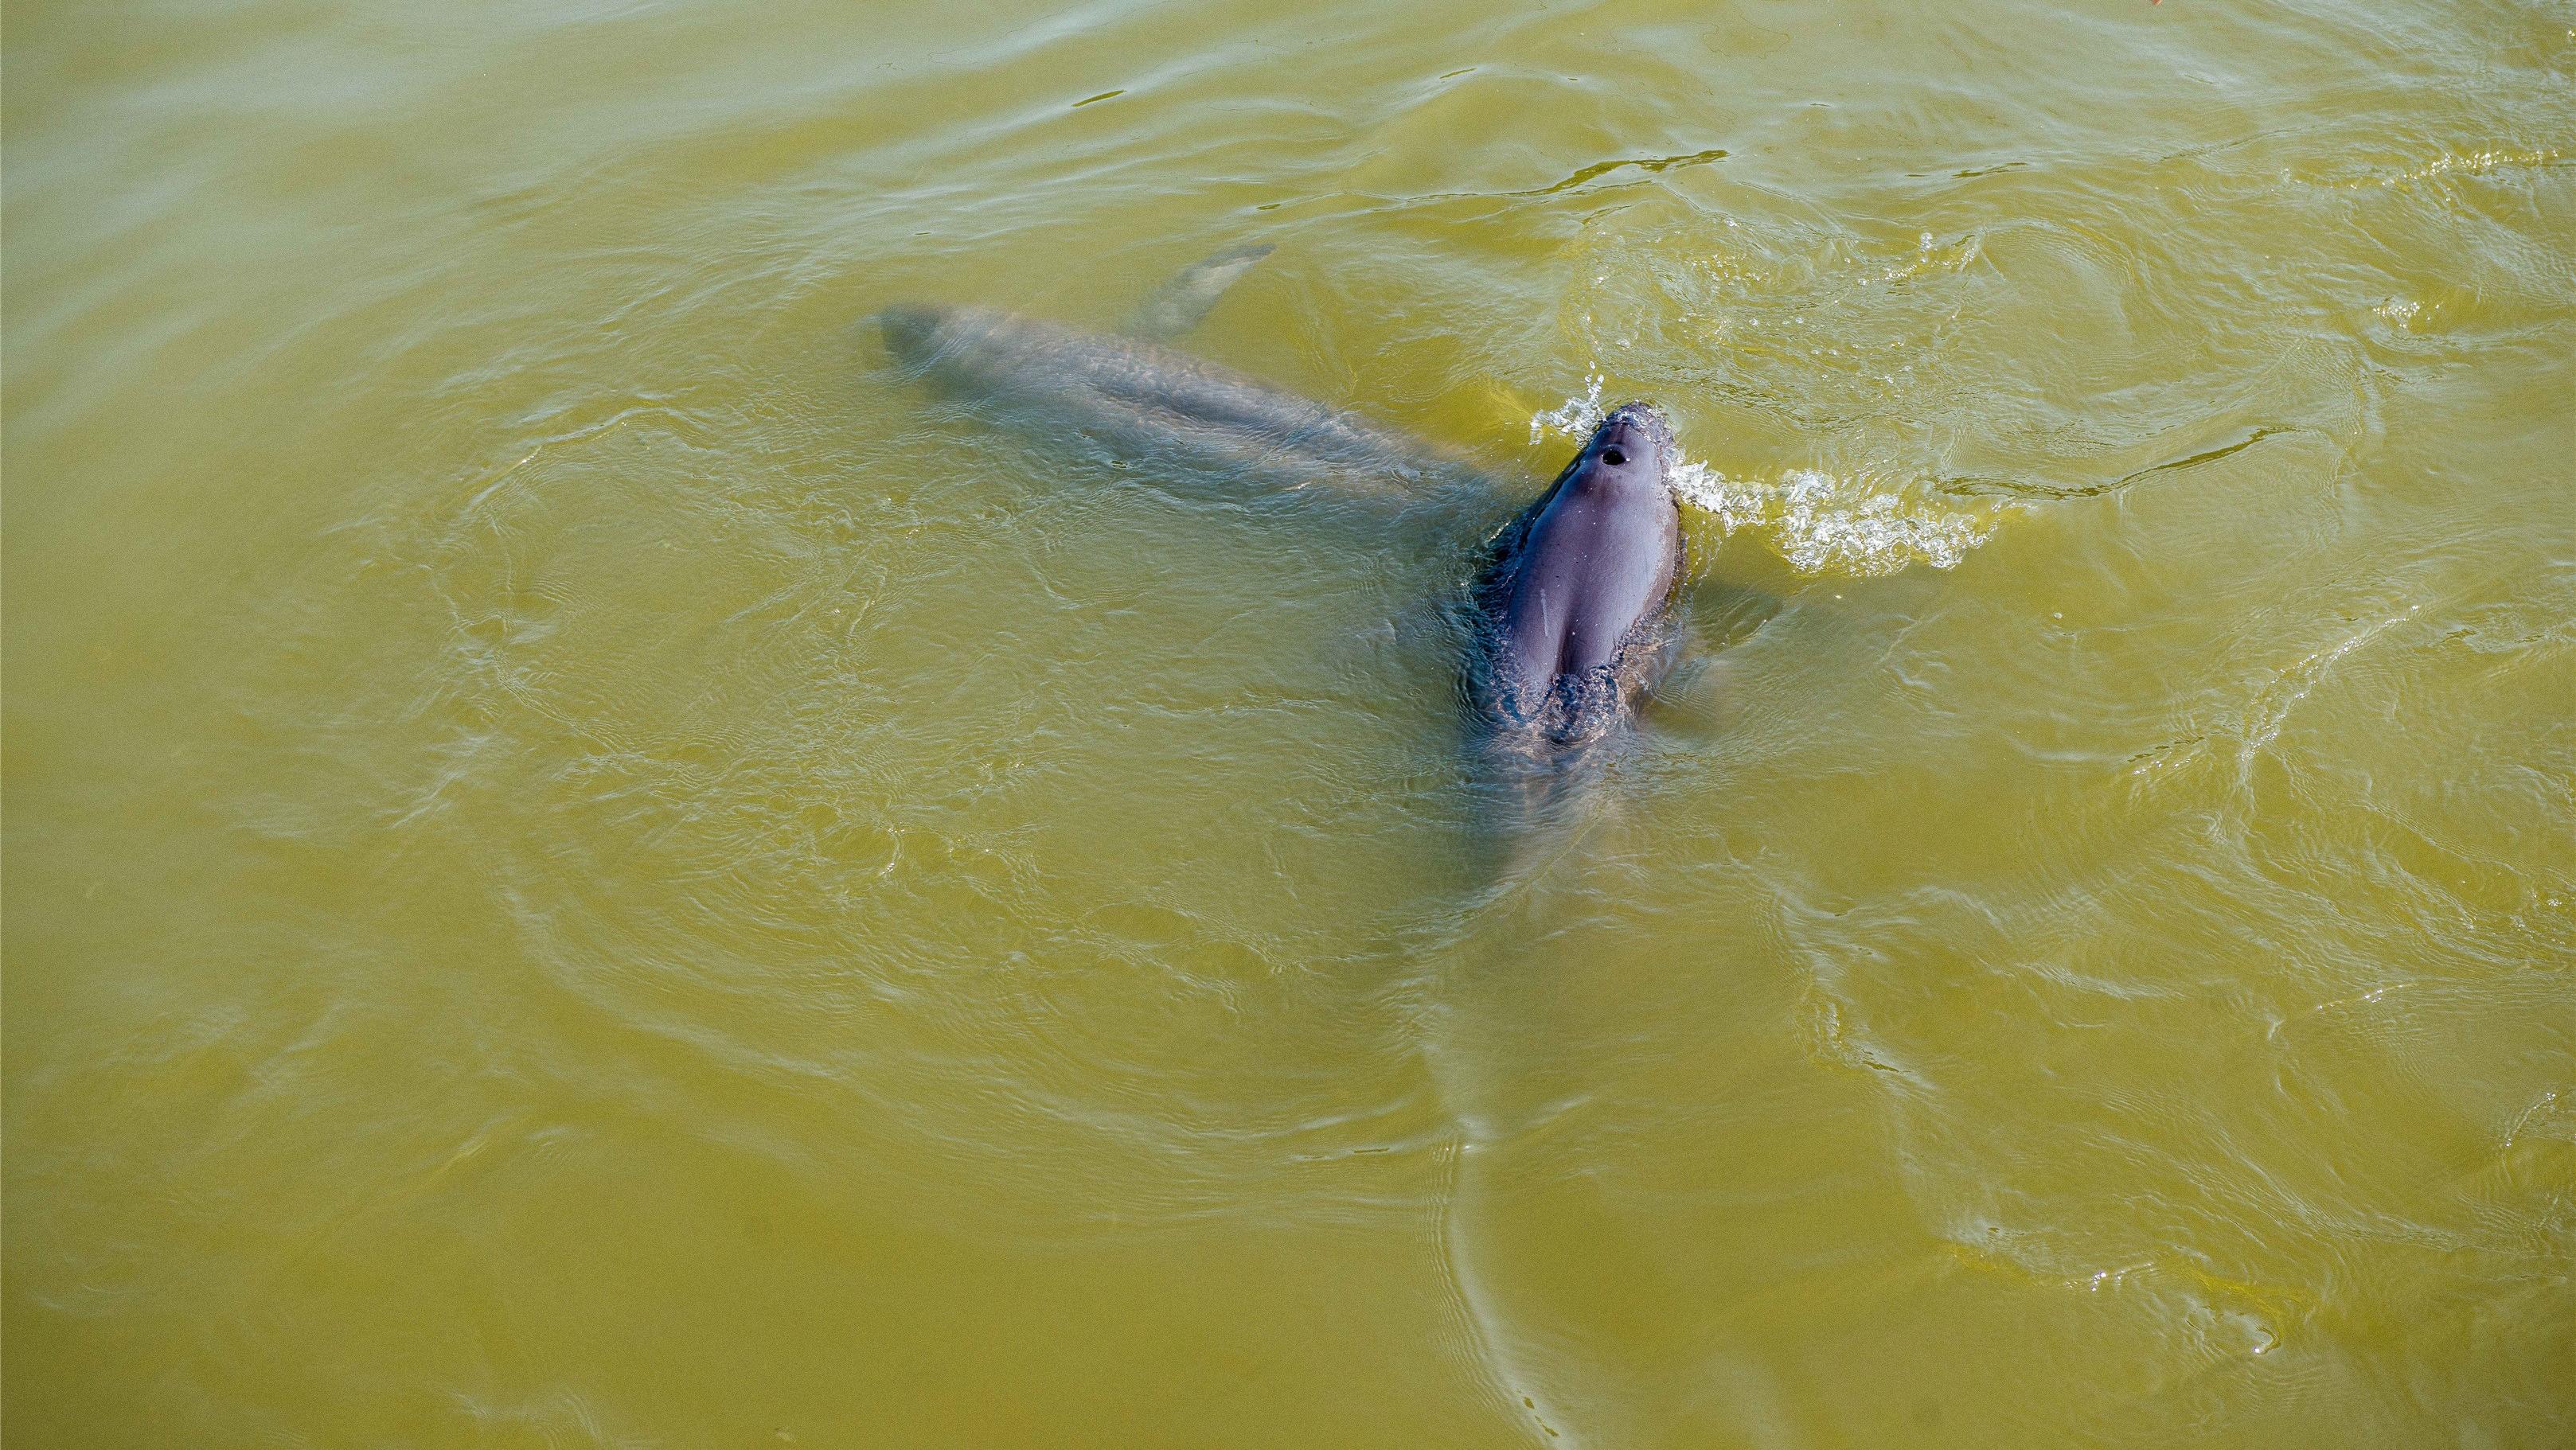 湖北潜江市民拍到江豚跃出水面,系近30年来首次现身该地